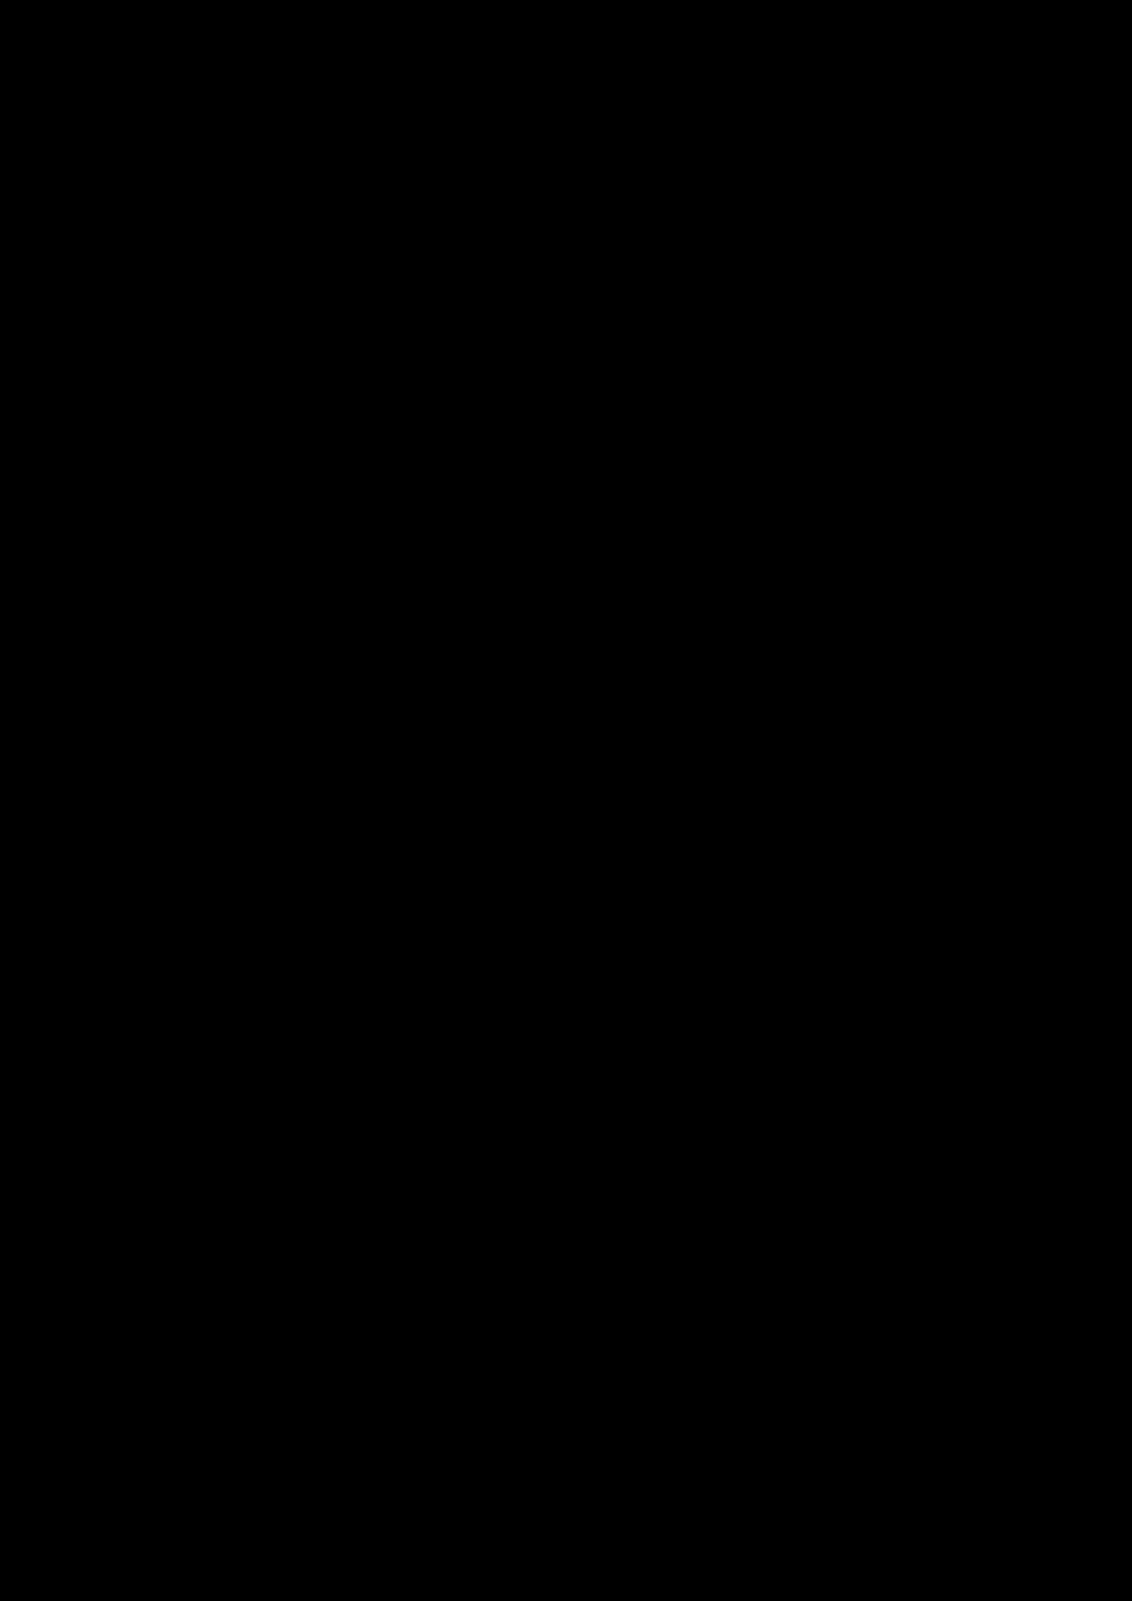 Serdtse slide, Image 44